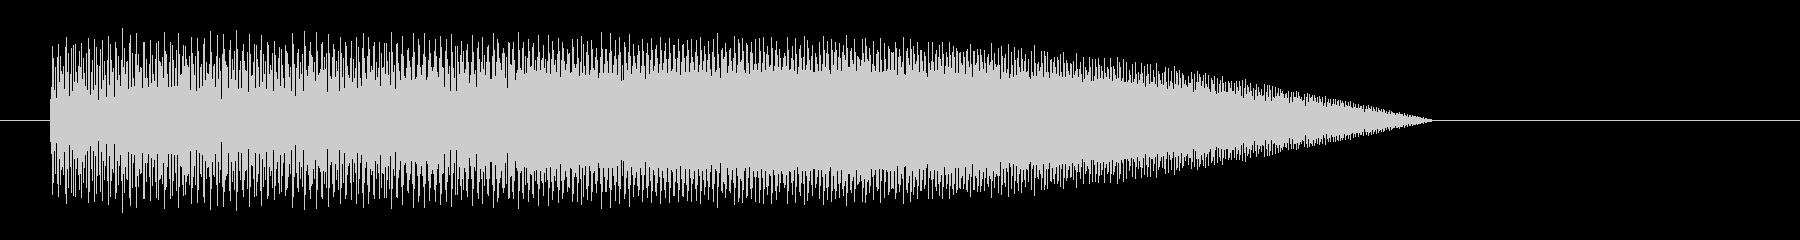 レーザー音-42-3の未再生の波形